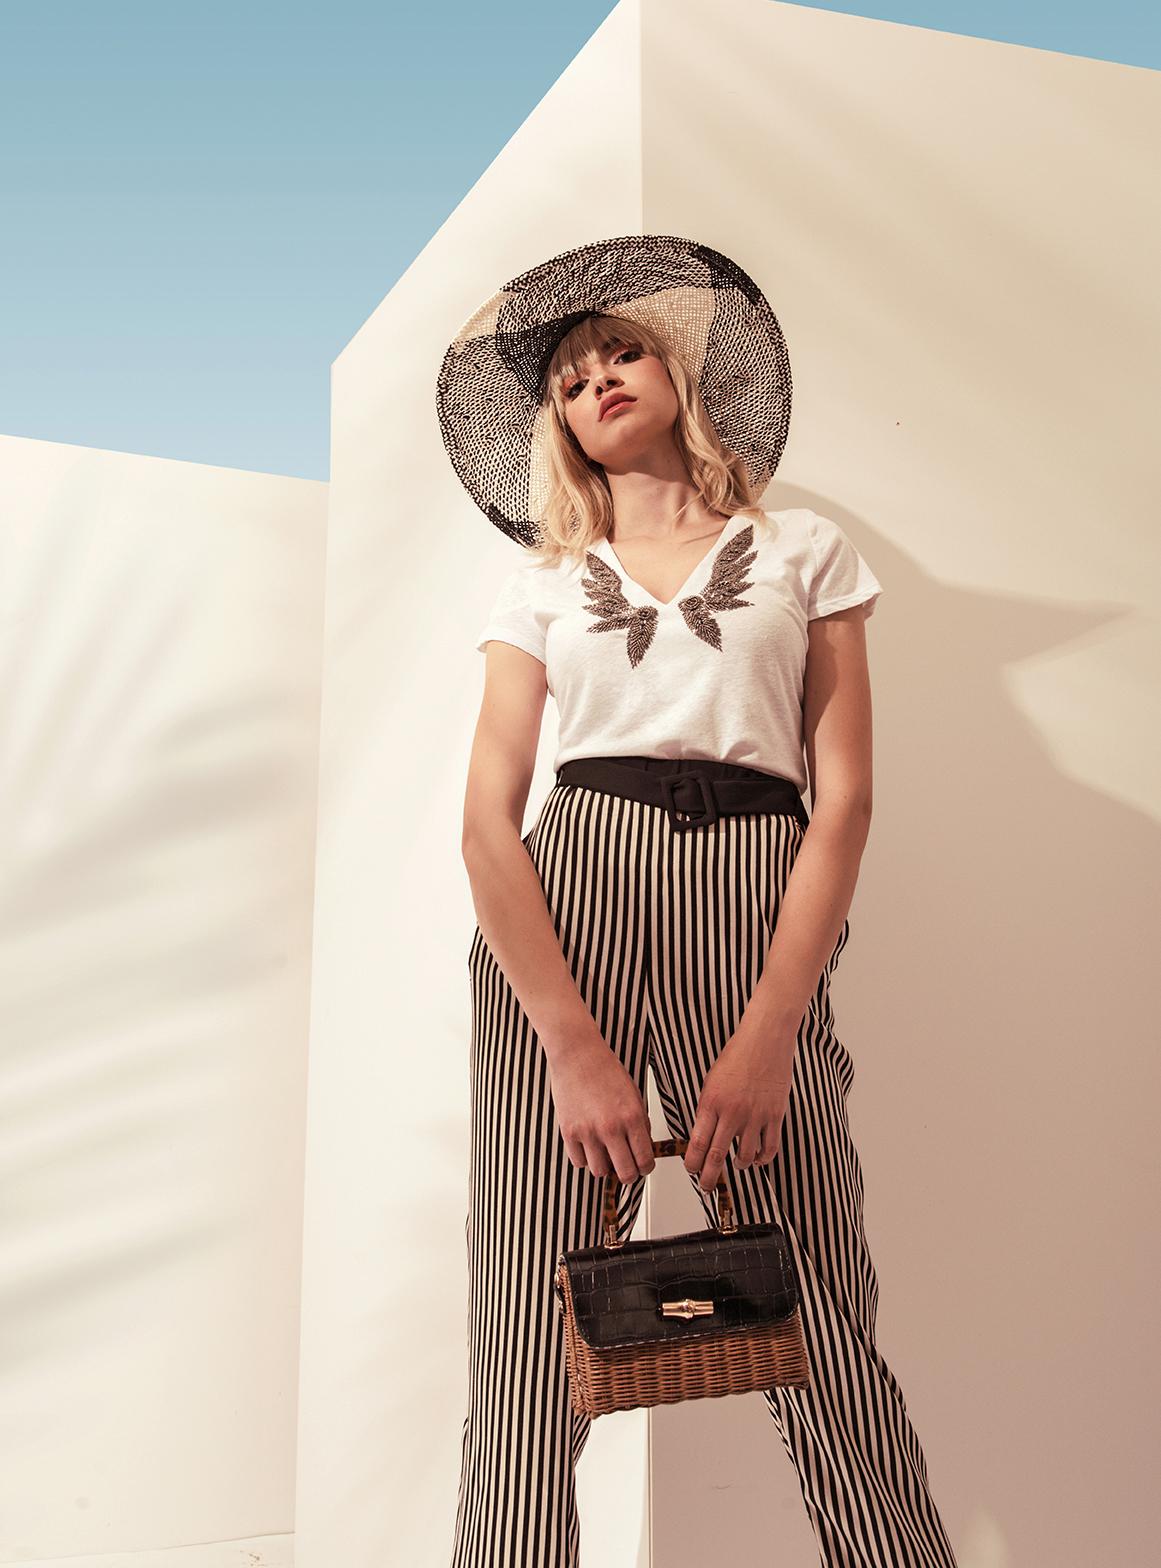 Esprit šešir 3.999 rsd -50% Morgan majica 5.800 rsd -50% Fracomina pantalone 16.790 rsd -50% Parfois torbica 4.499 rsd -50%